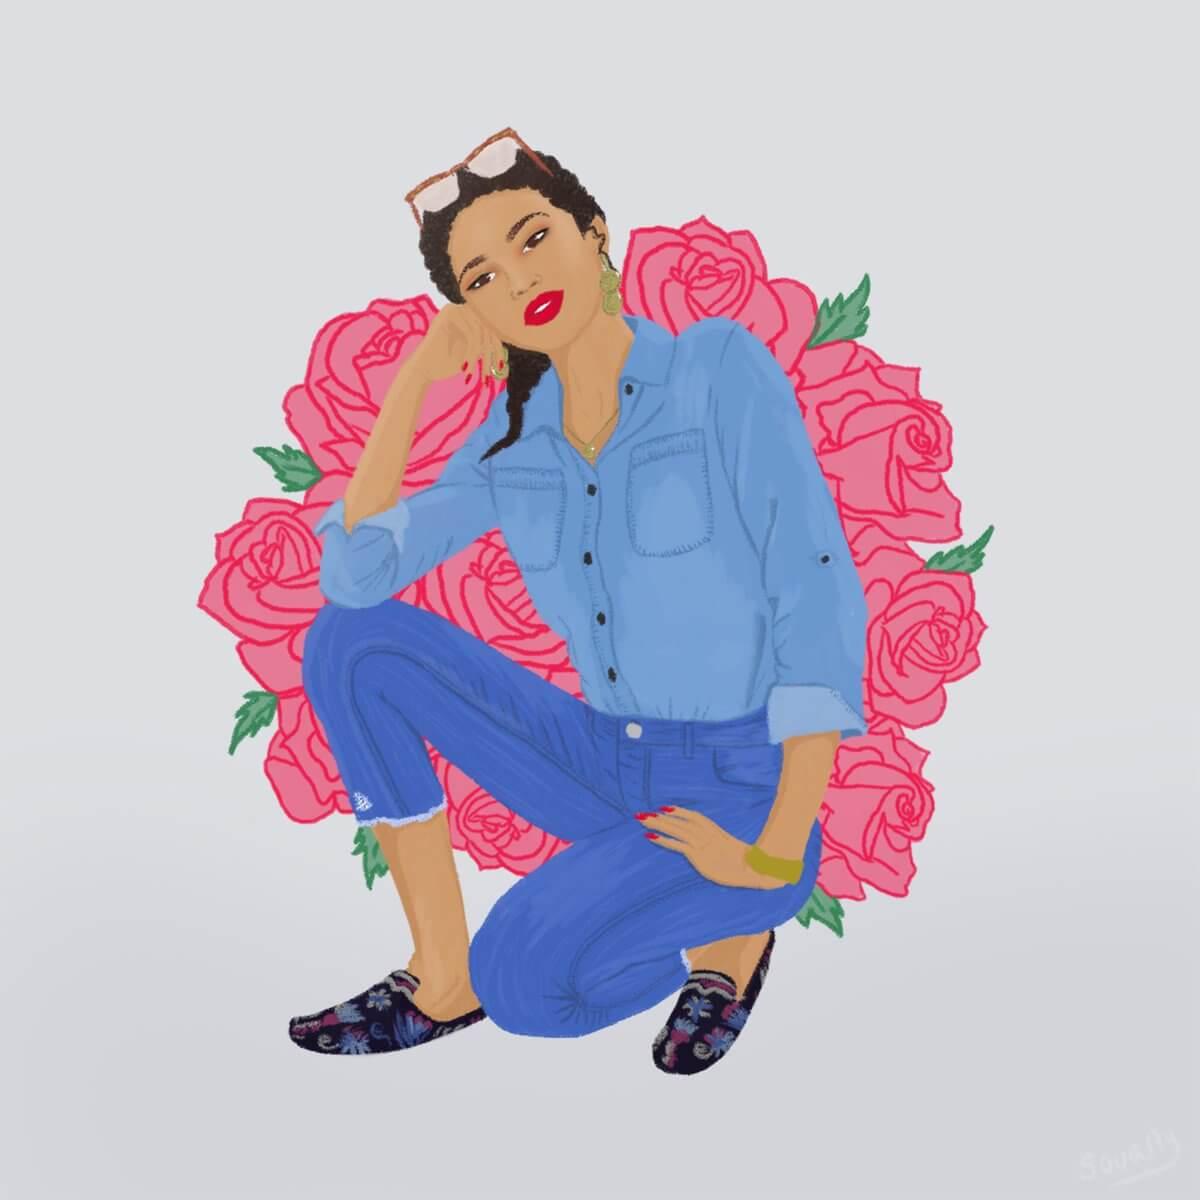 South Asian Artist - heysouu